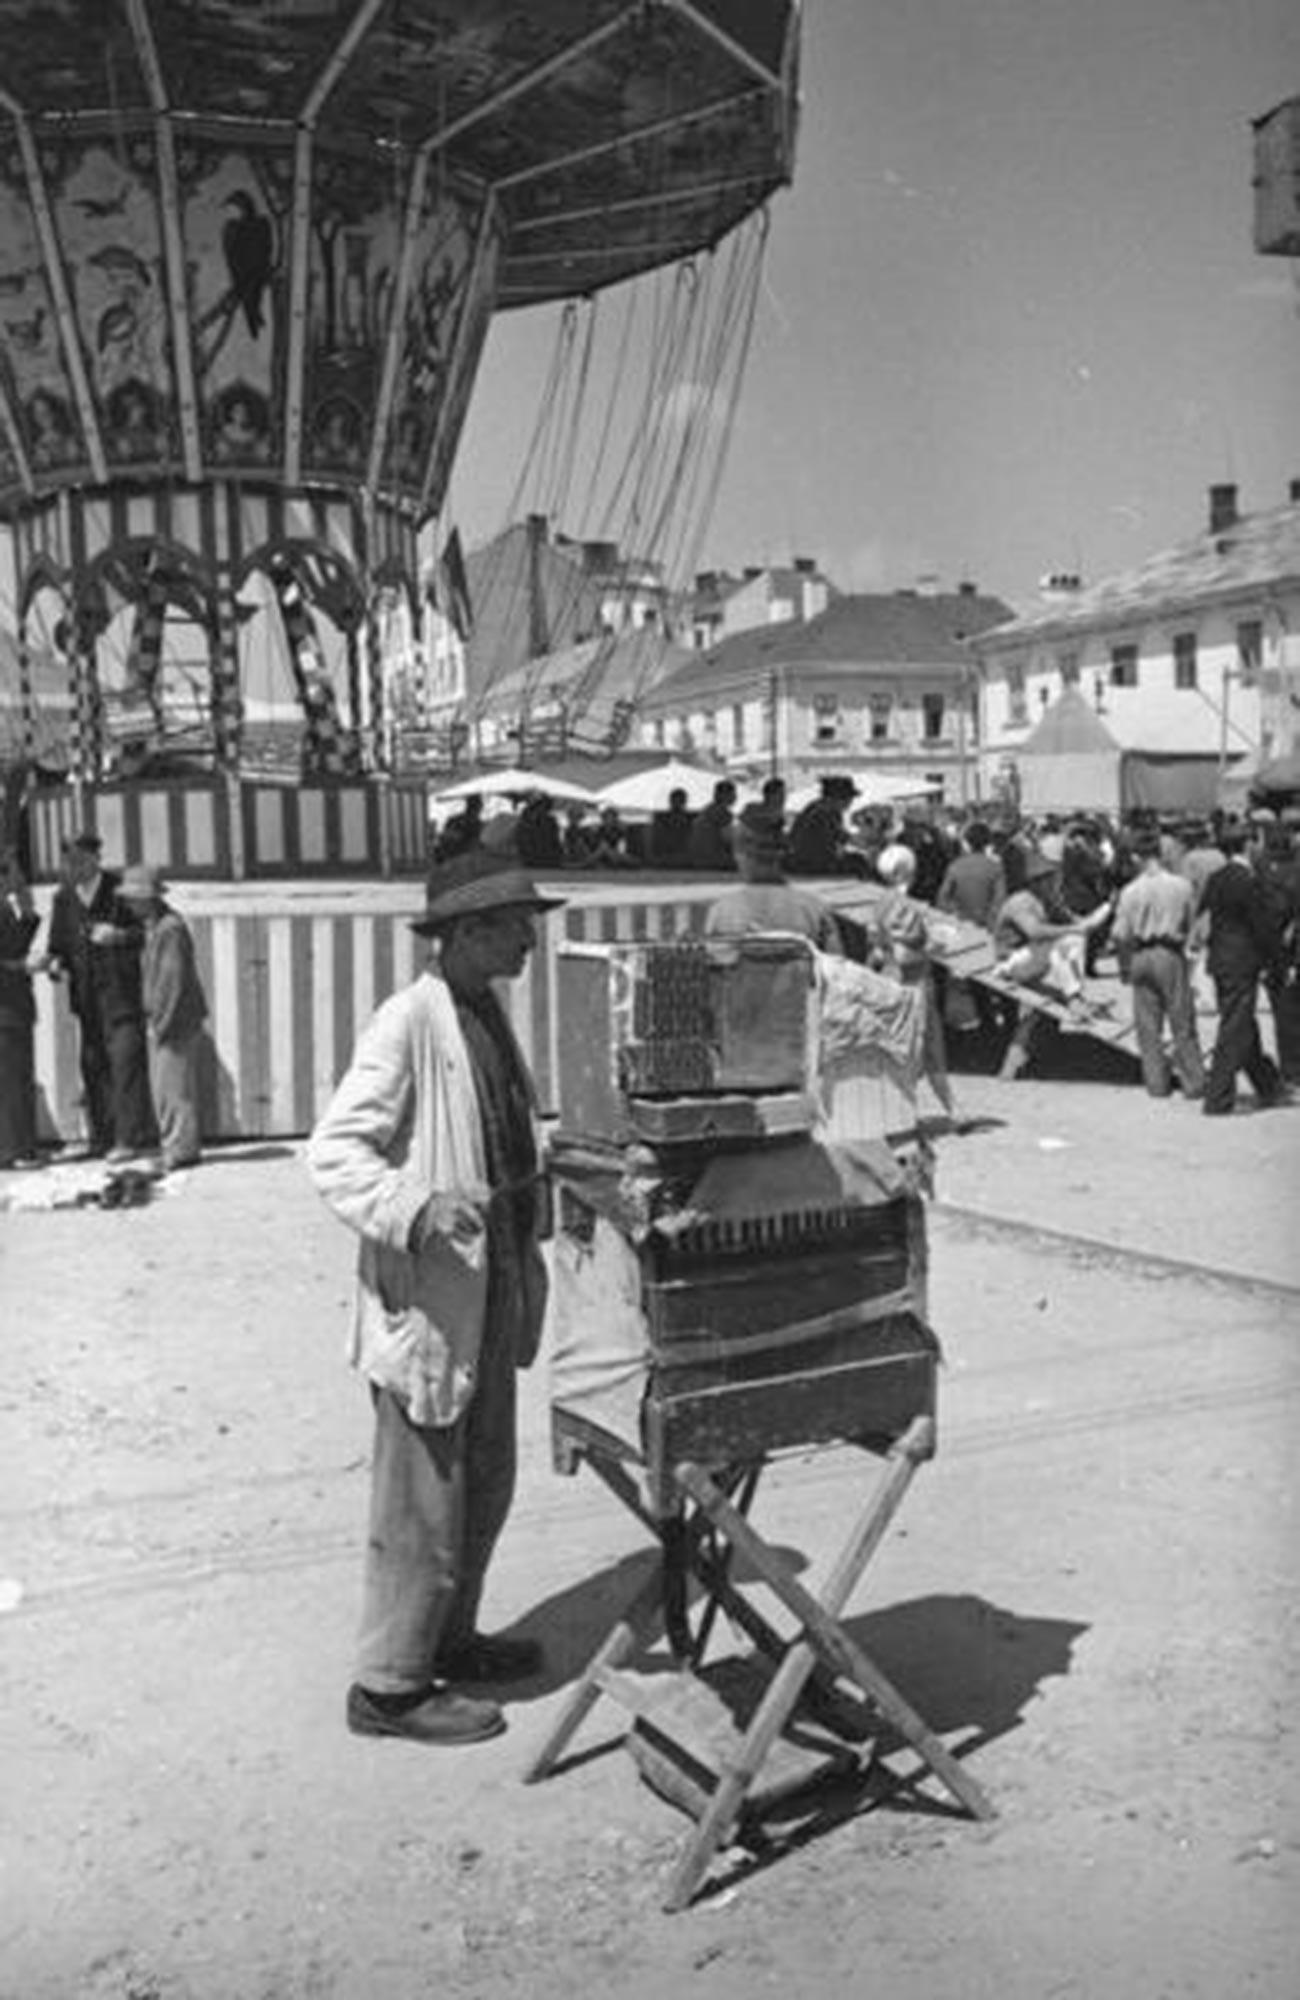 Верглаш са папагајем на вашару у Черновицама, 1940.